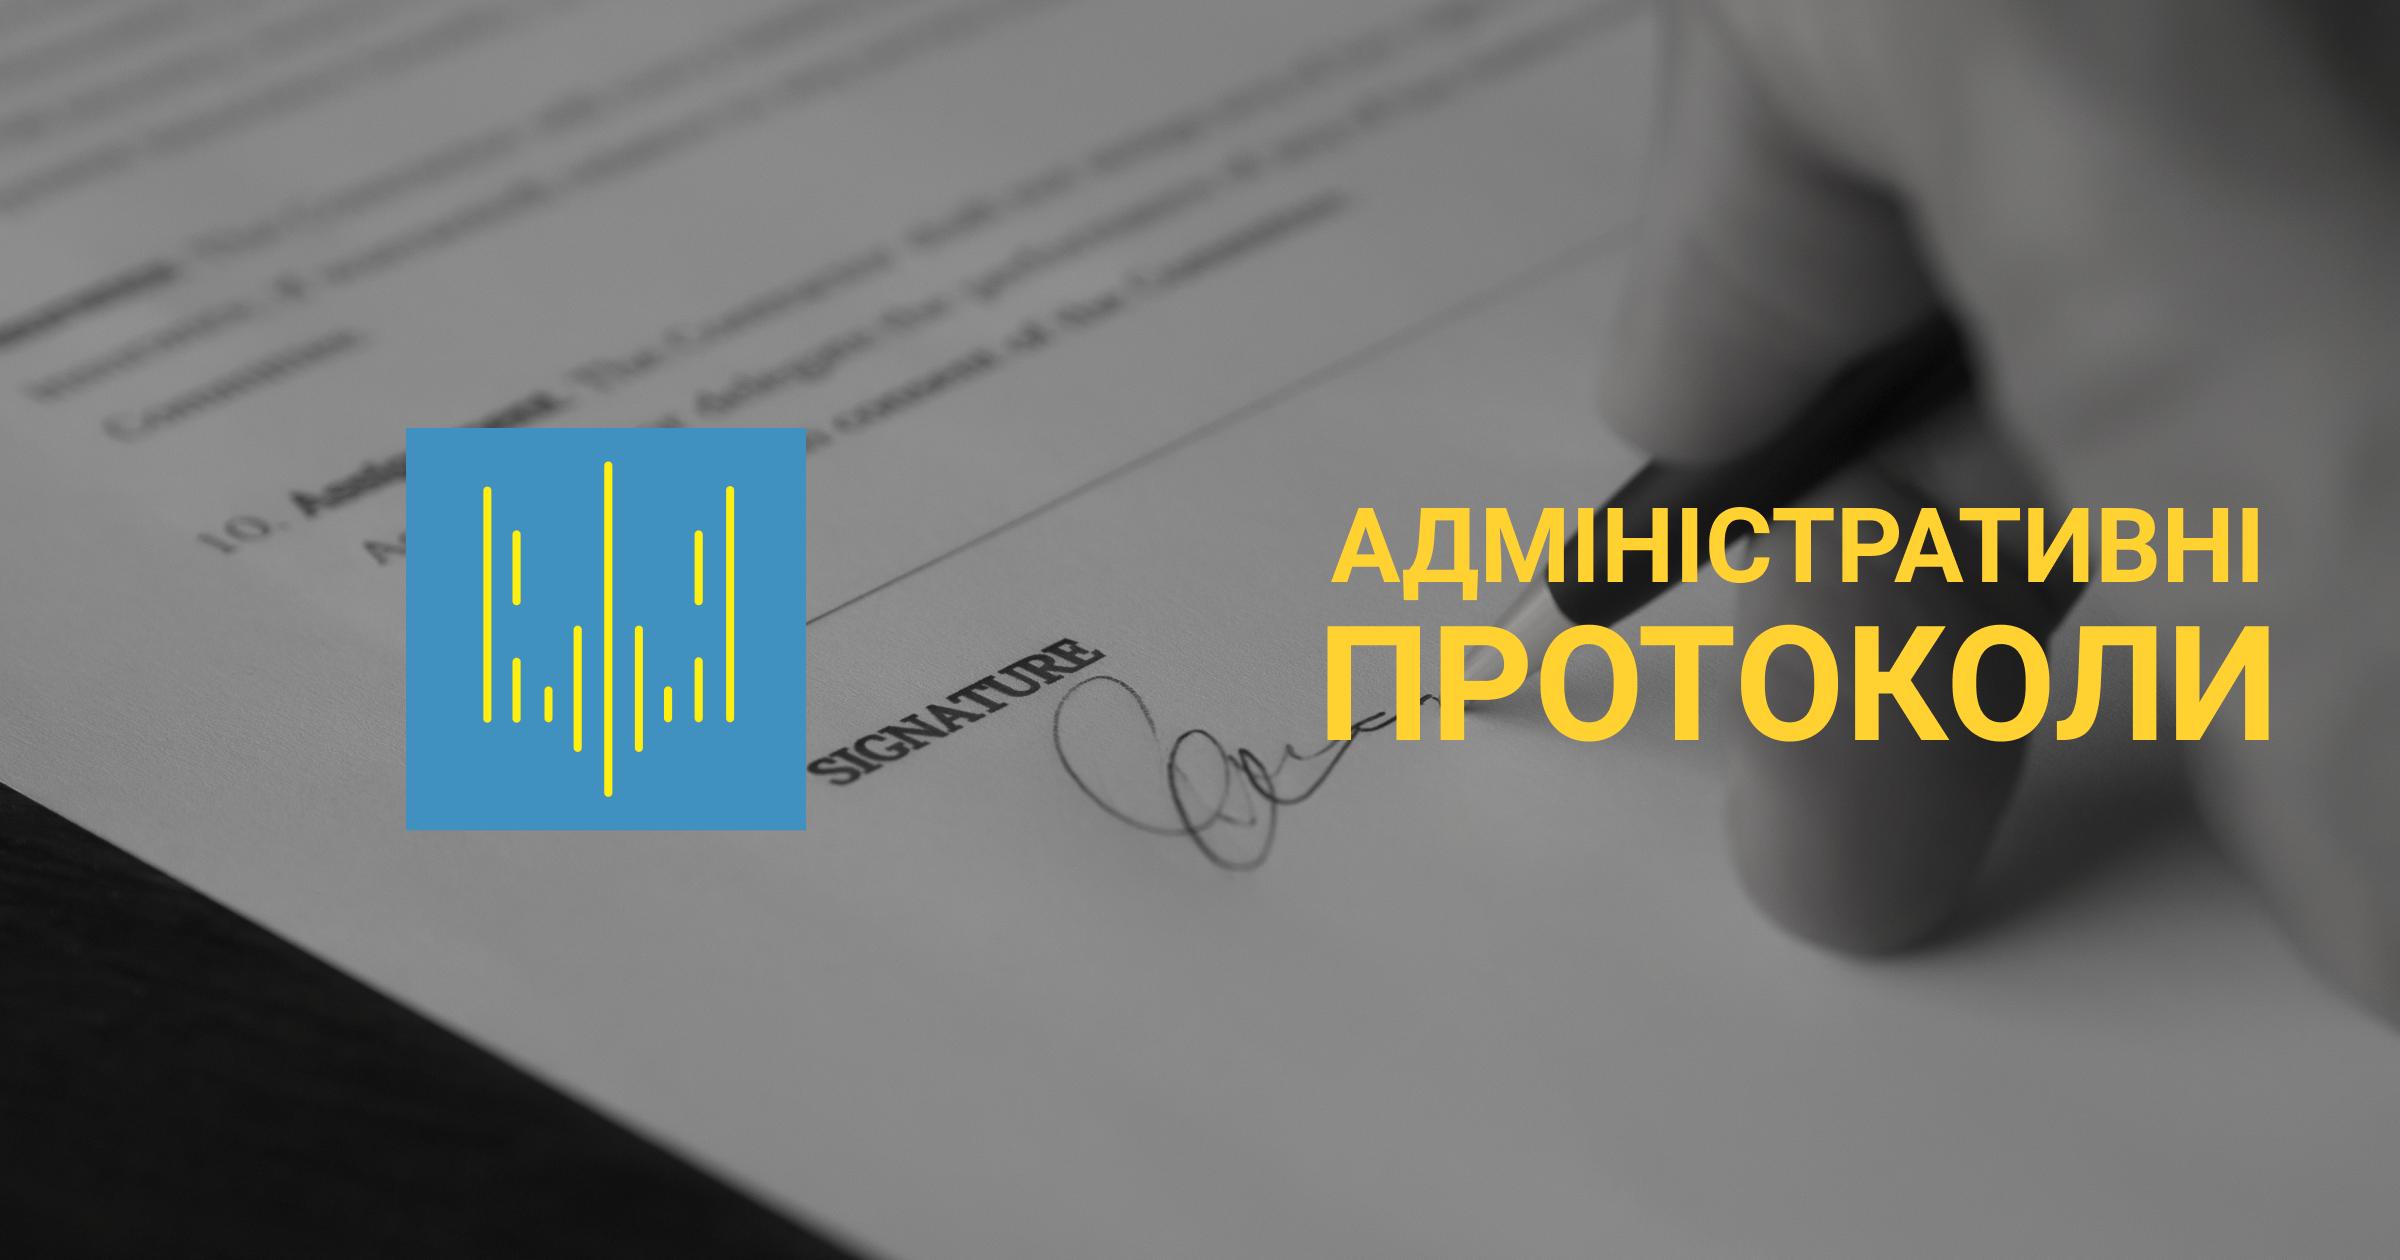 Е-декларування: НАЗК направило до суду протоколи стосовно трьох суддів